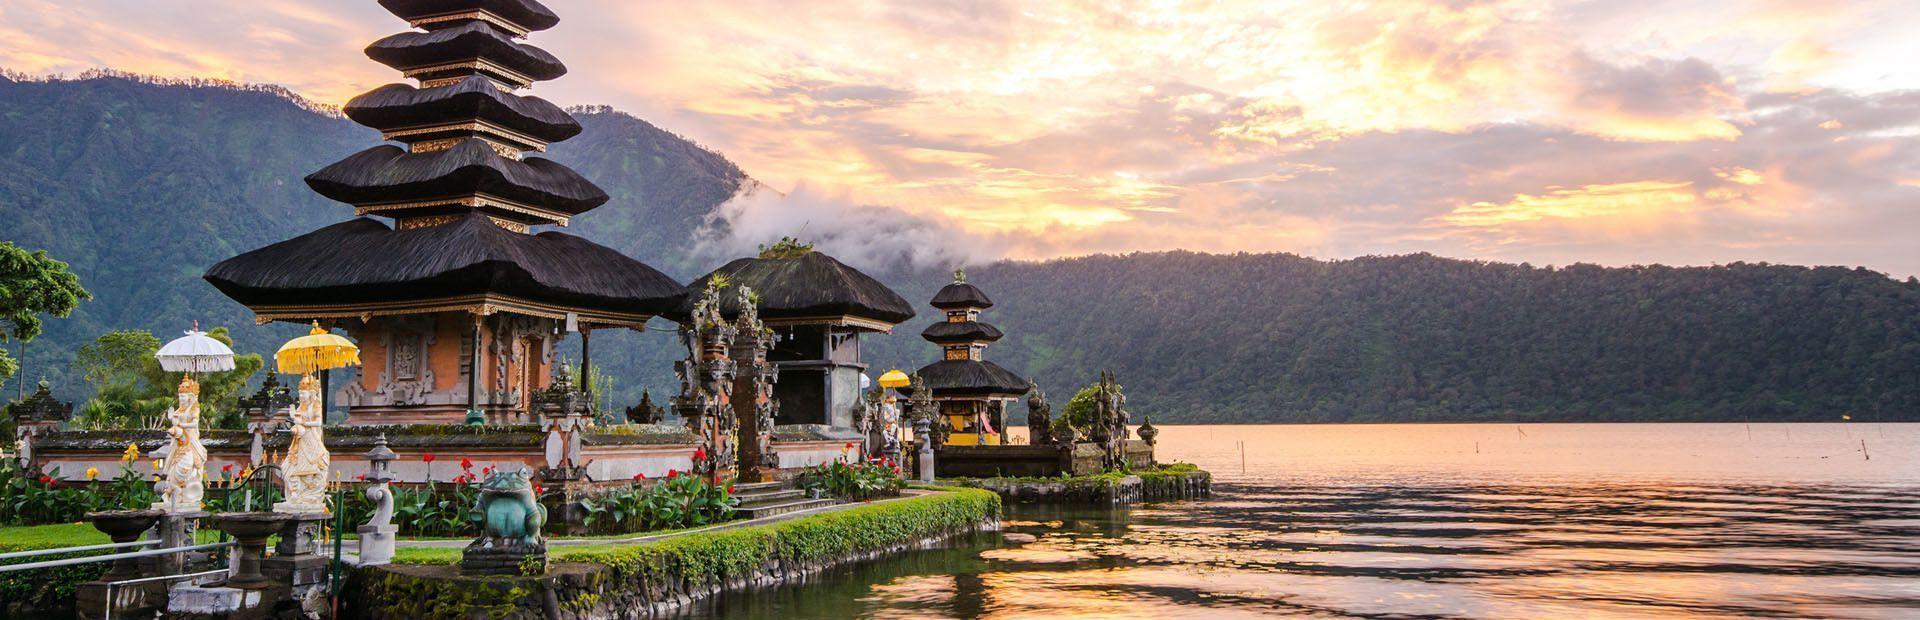 Bali 360°